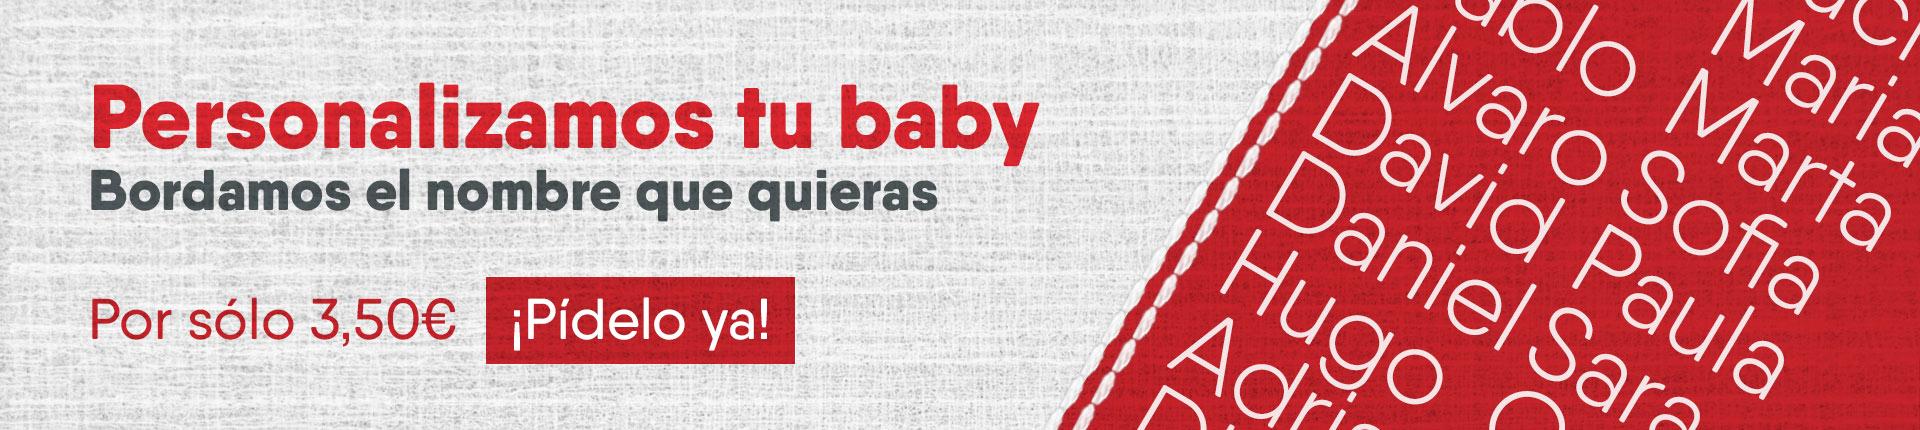 personalizamos tu baby con el nombre que tú quieras amica